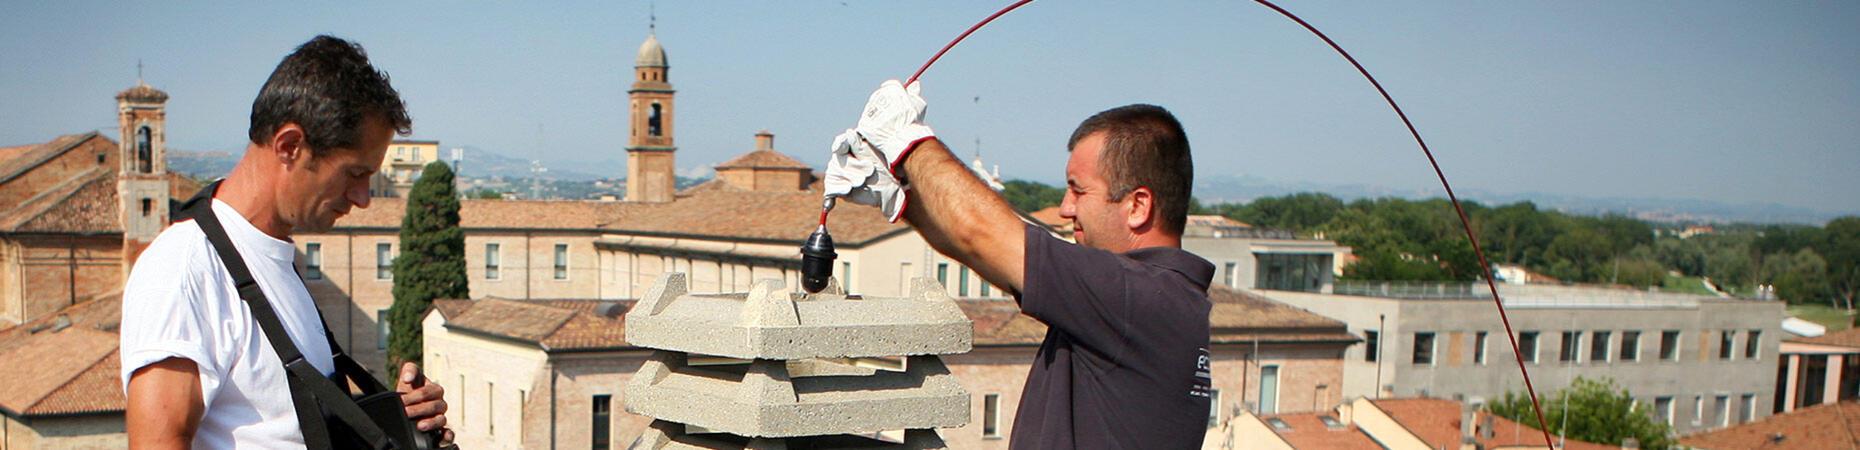 ecoservice-bologna it spazzacamino-e-pulizia-canne-fumarie-bologna 005